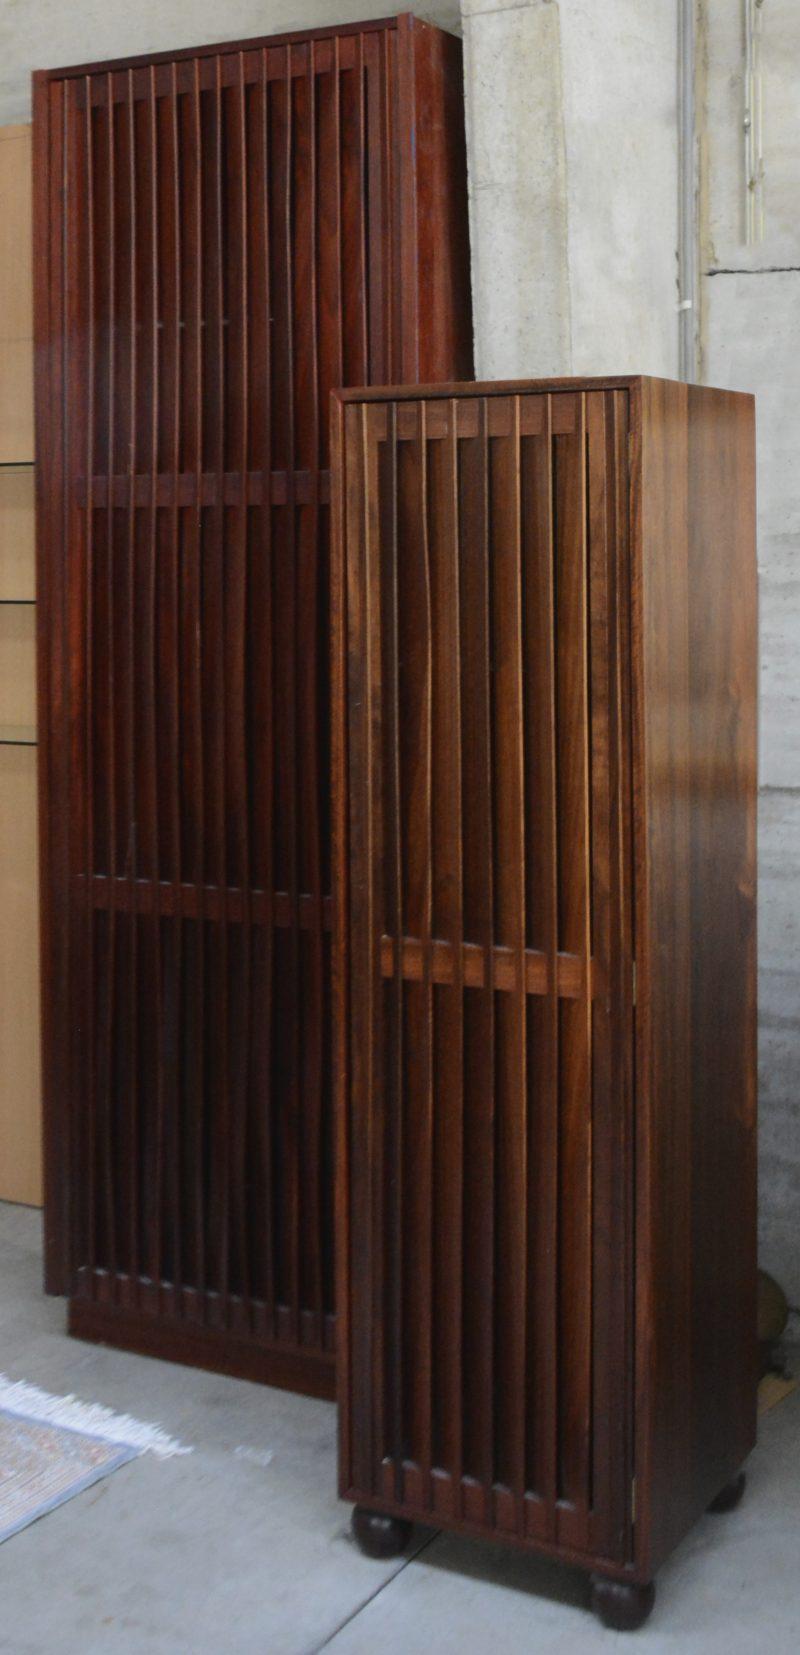 Een lot van twee kleerkasten uit palissanderhout. Periode 1990. Een inbouwkast met twee legplanken en een gechromeerde stang en een vrijstaande kast op bolpoten voorzien van drie legplanken. Lacune aan inbouwkast.